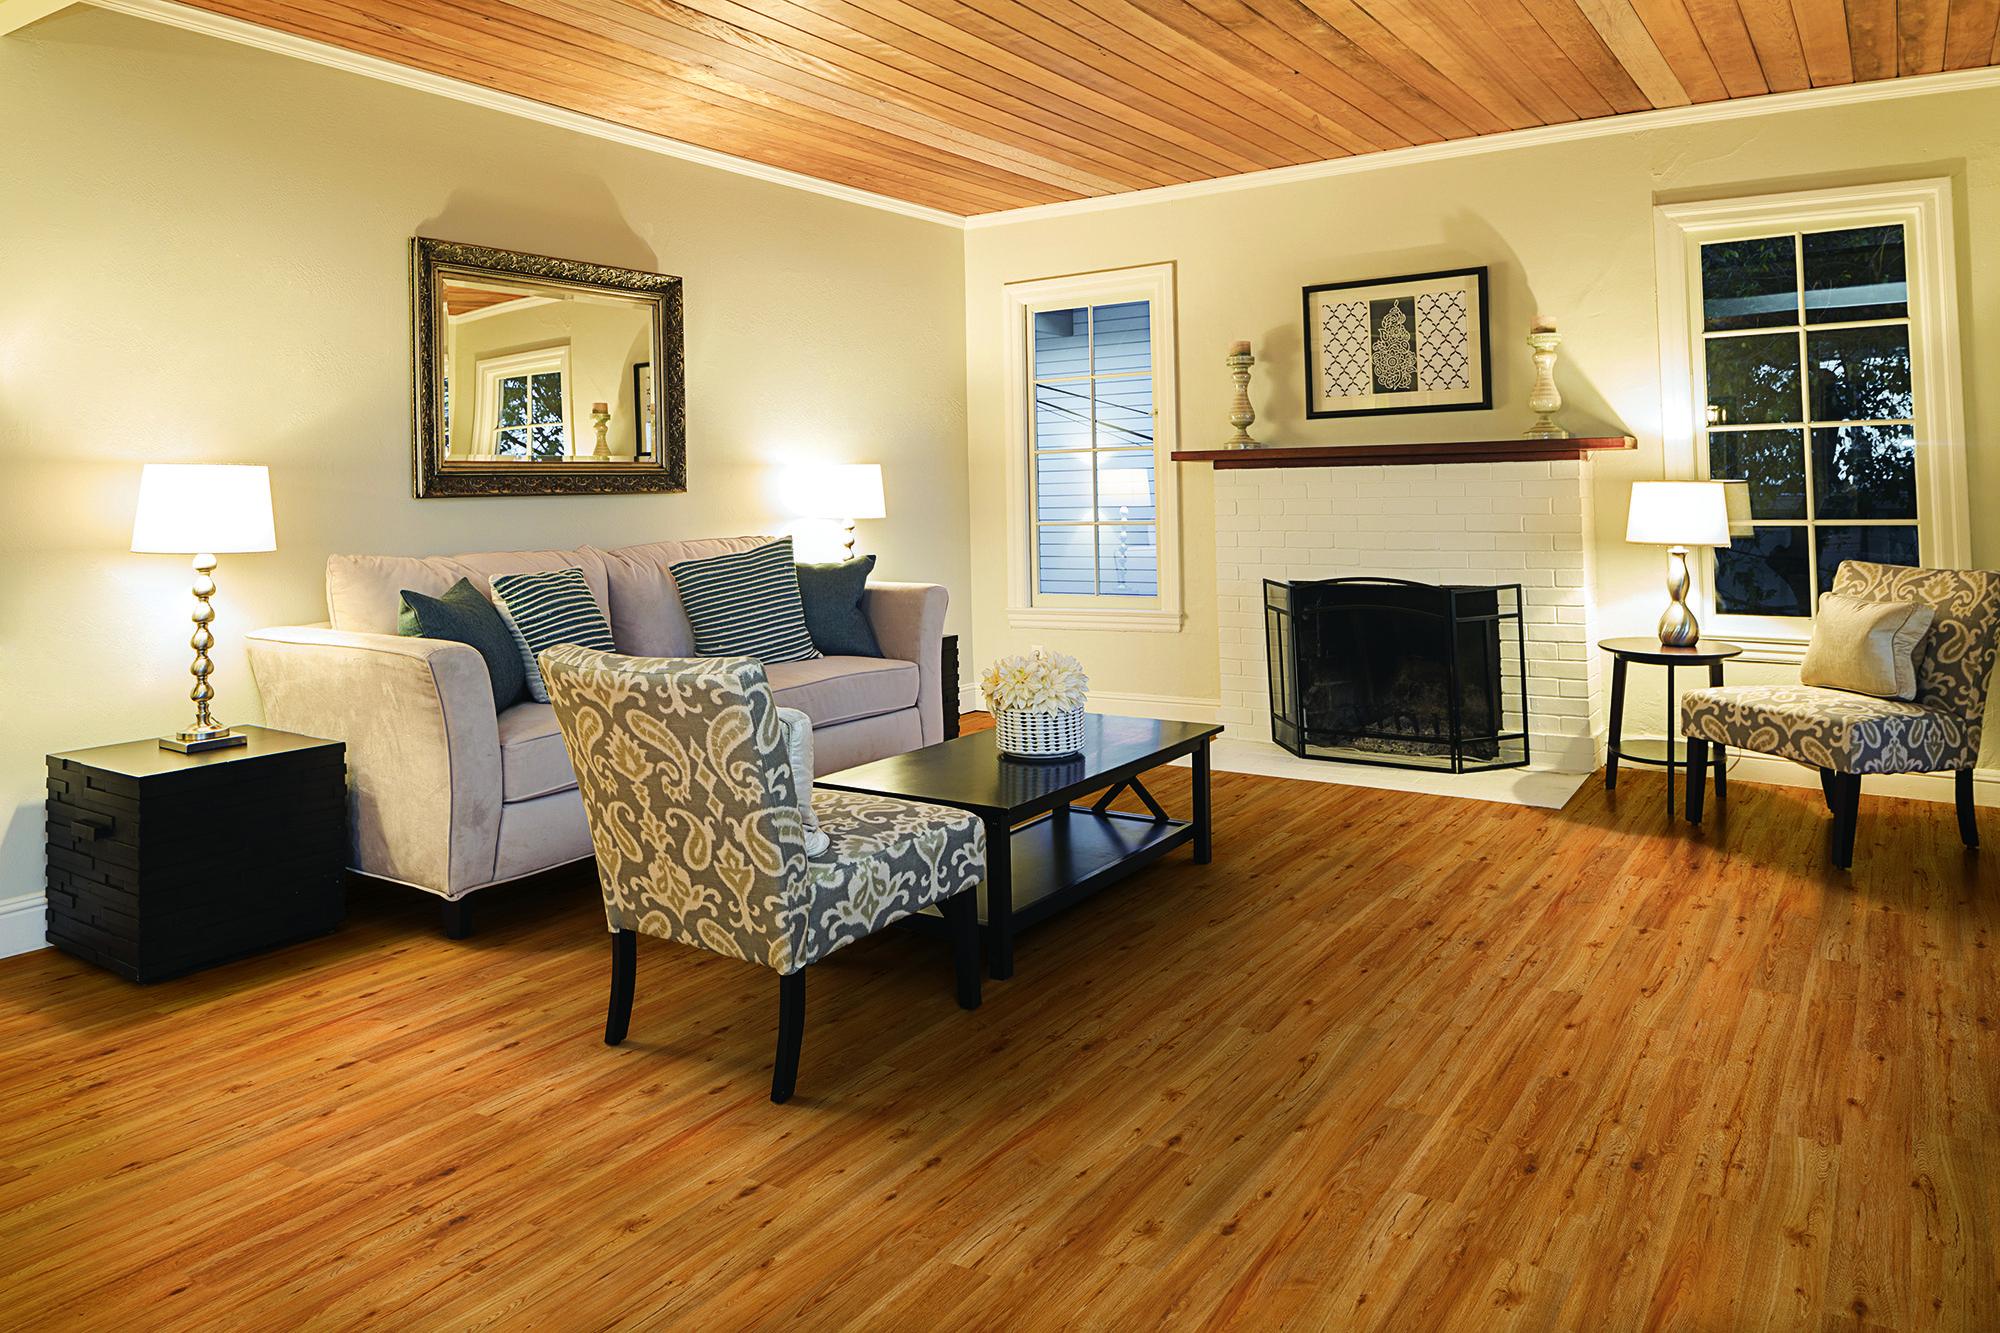 Waterproof vinyl plank flooring, Cleaning